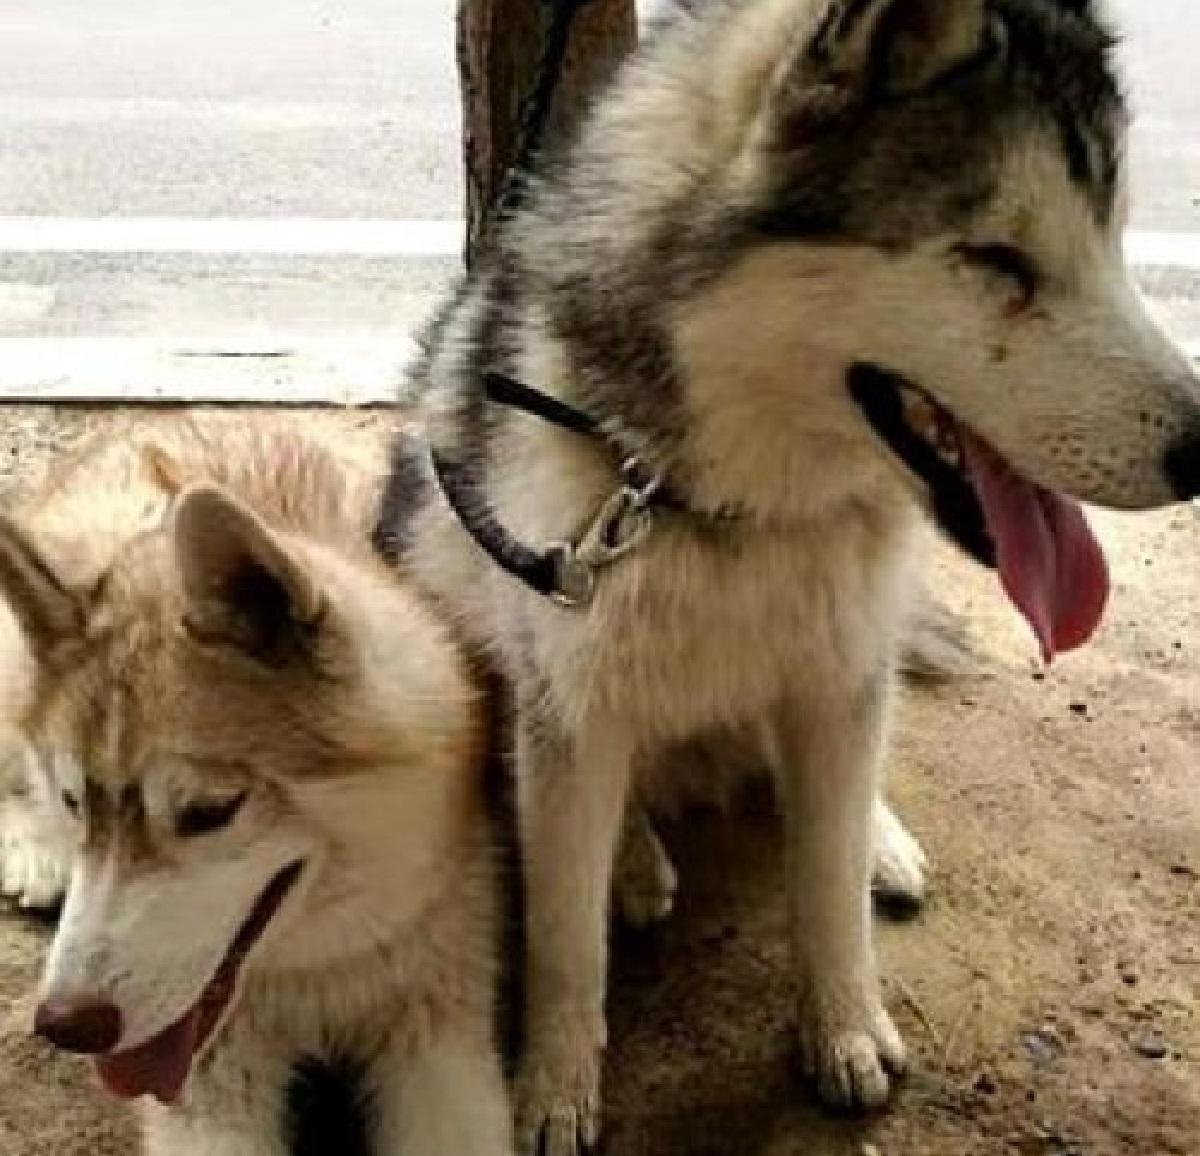 Il cucciolo Husky è cieco e non riesce a scendere un gradino, nel video il fondamentale aiuto del fratellone